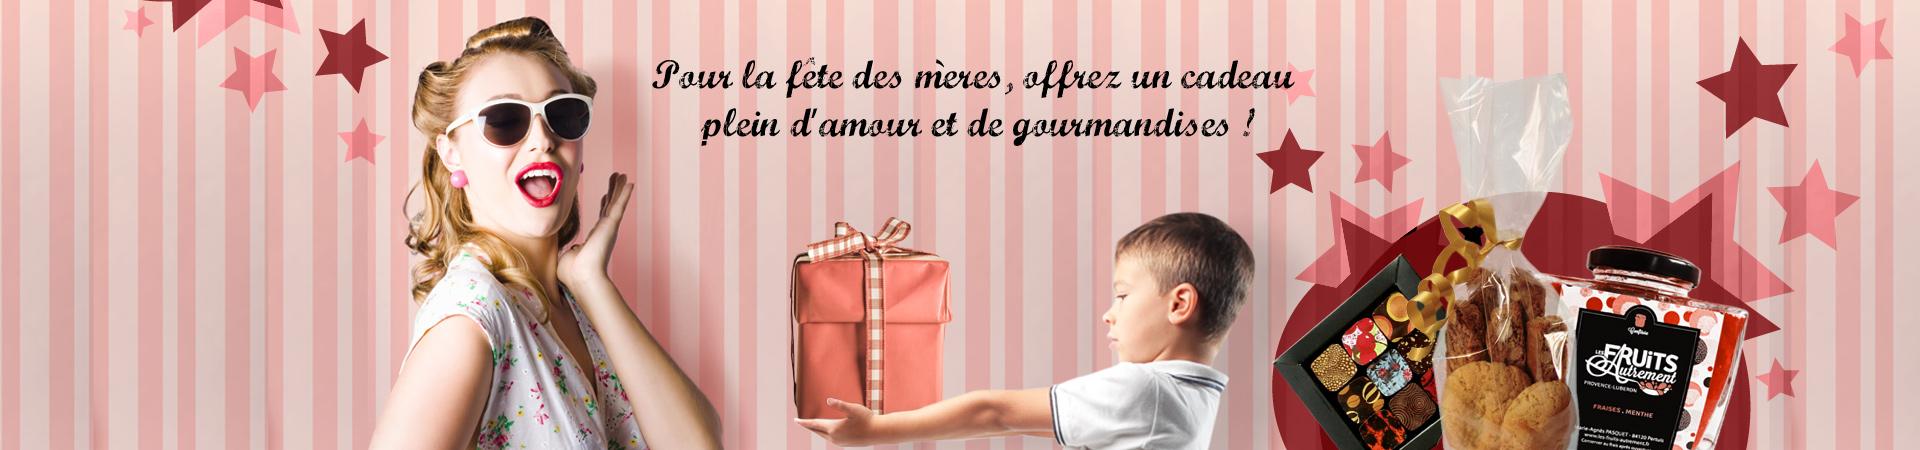 coffret-cadeau-fete-des-meres-pub_02